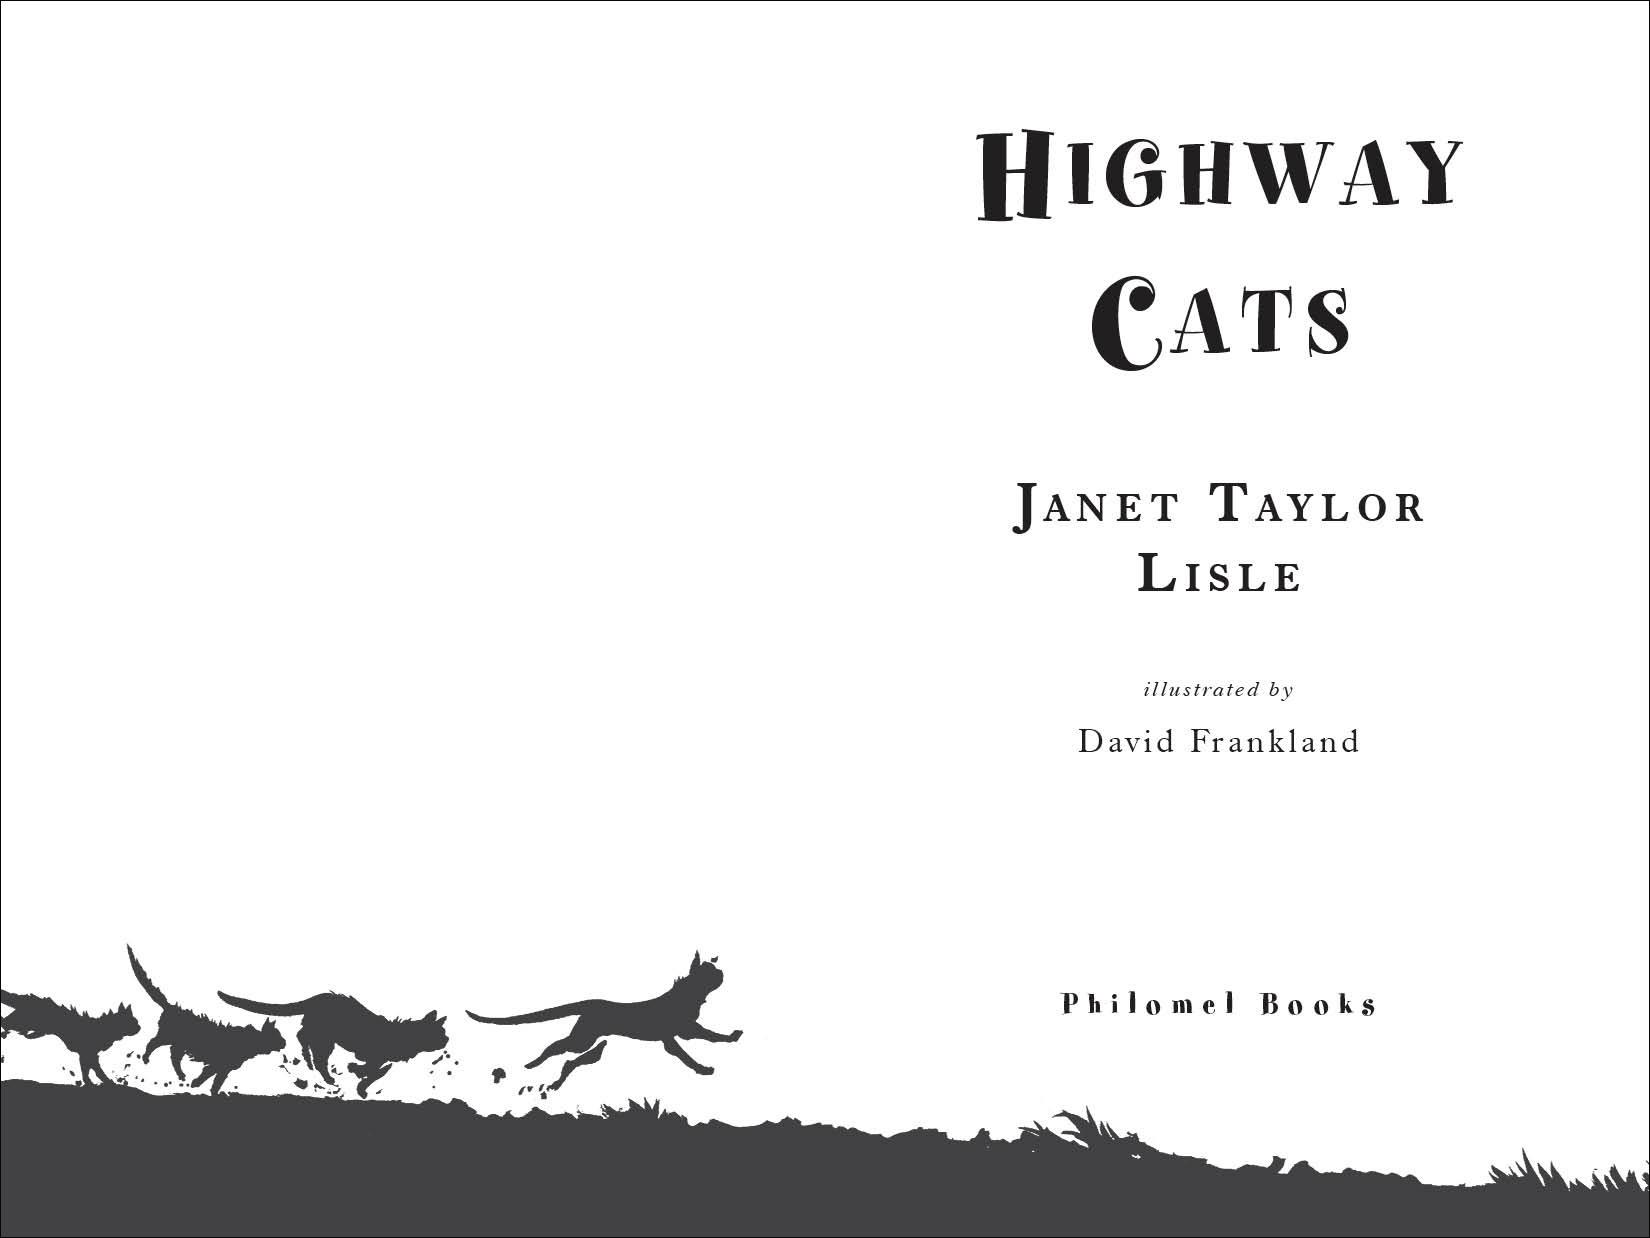 Highway cats FM final2.jpg